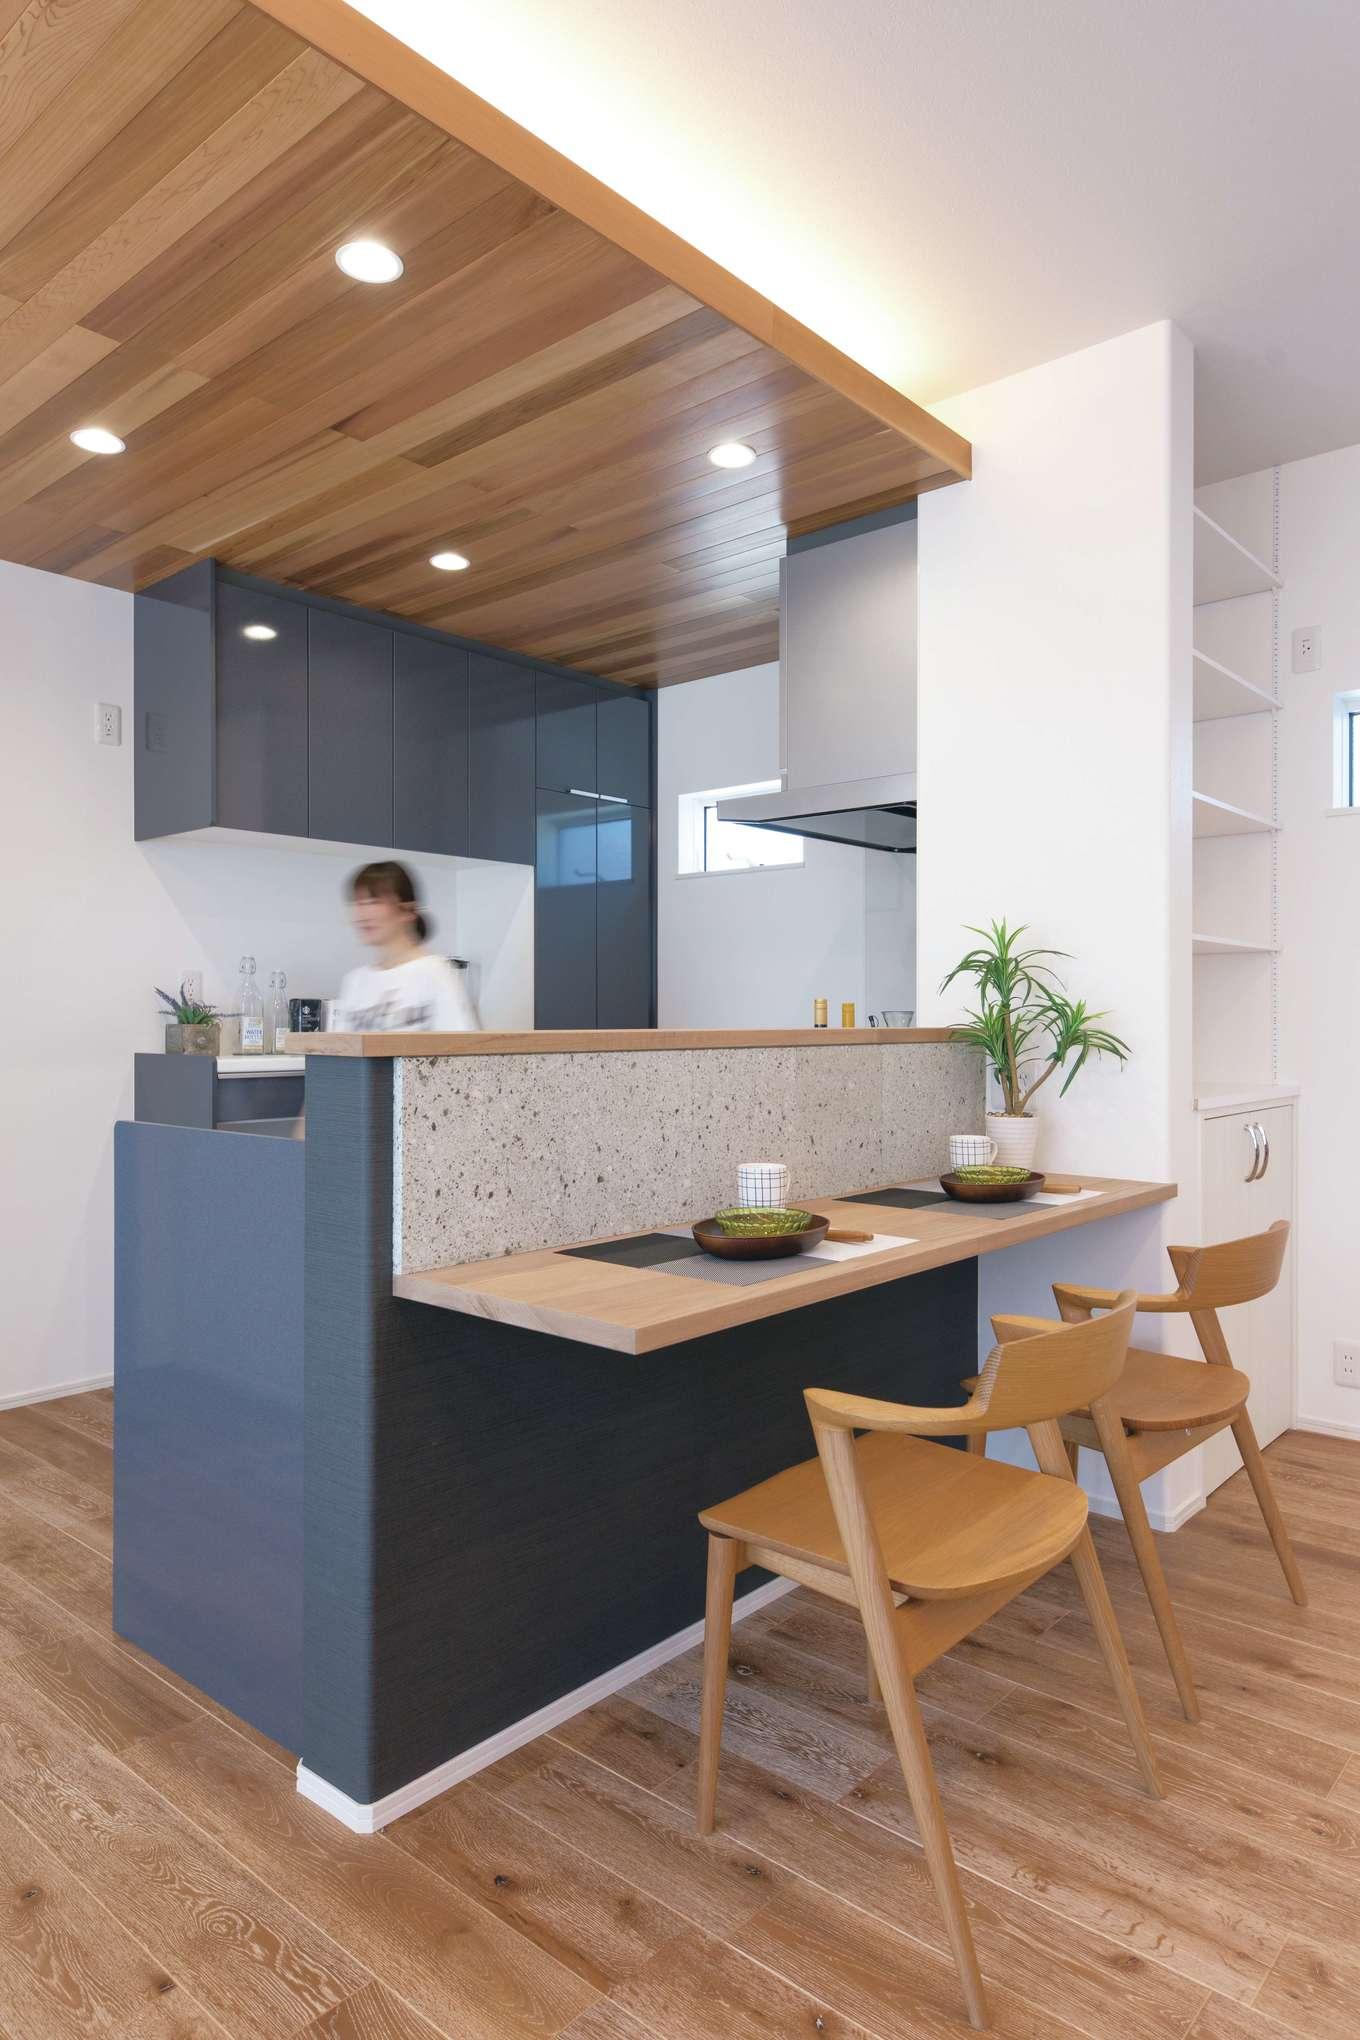 ワンズホーム【デザイン住宅、ペット、平屋】造作のキッチンカウンターにワンポイントで大谷石を貼り、和モダンをプラス